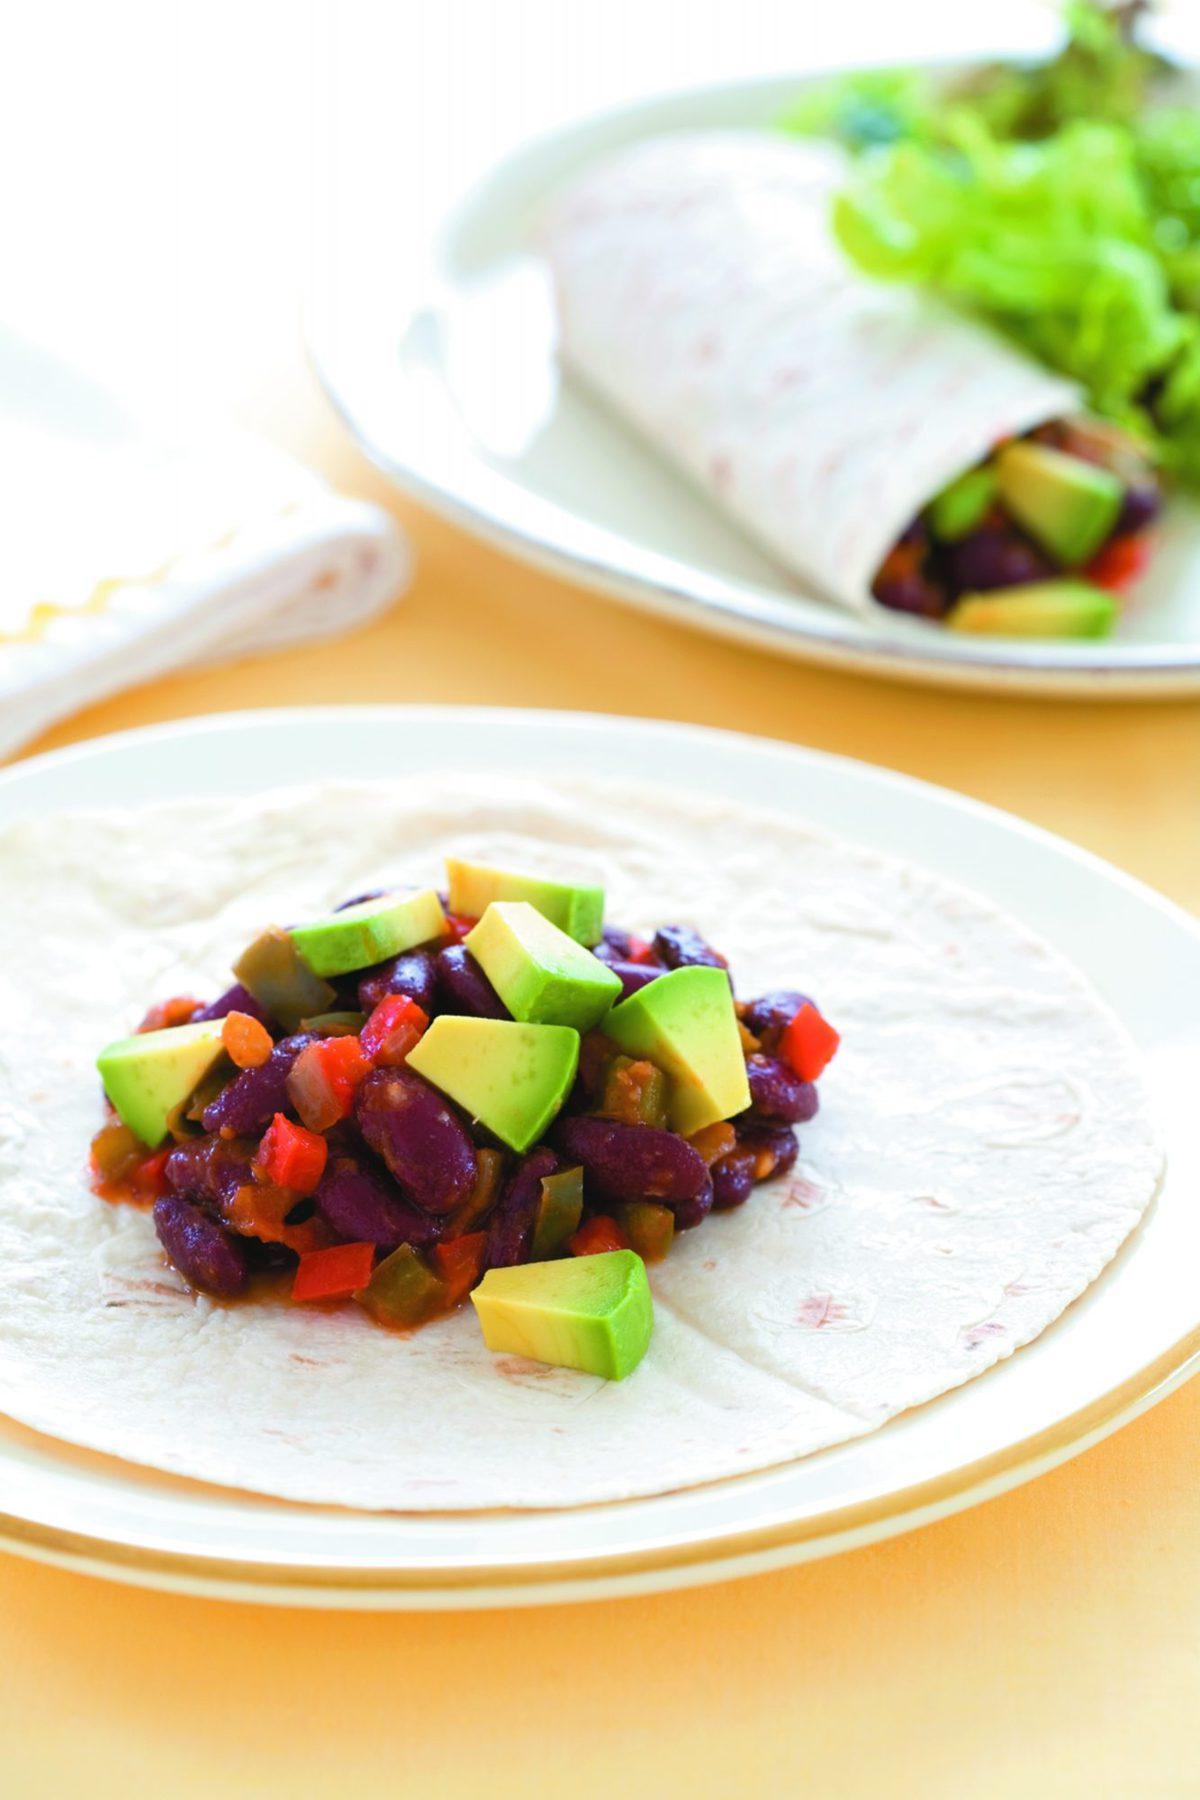 Mexican bean and avocado wrap